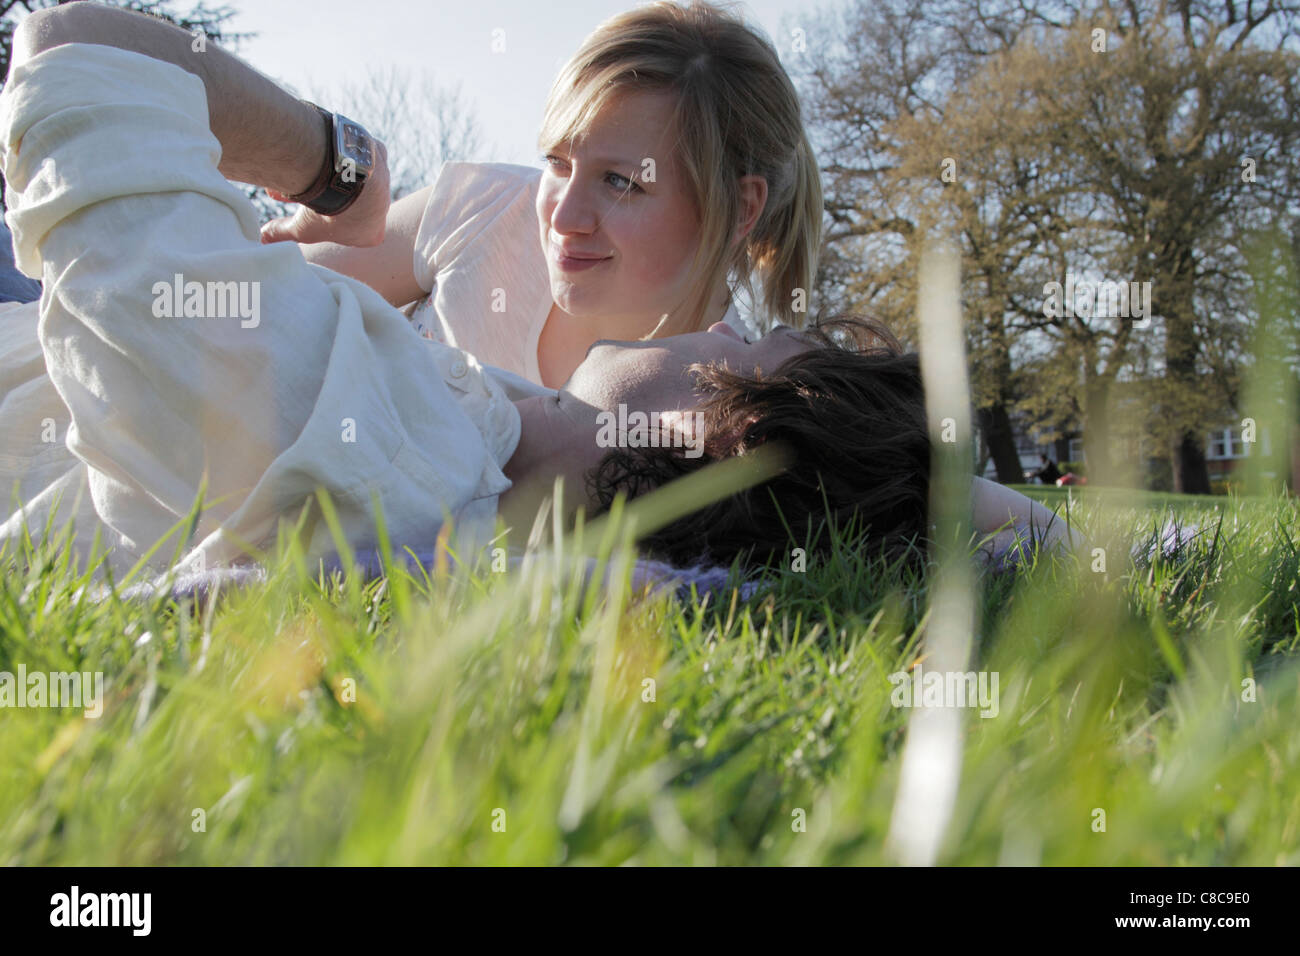 Überprüfen der Zeit Gras paar Stockbild